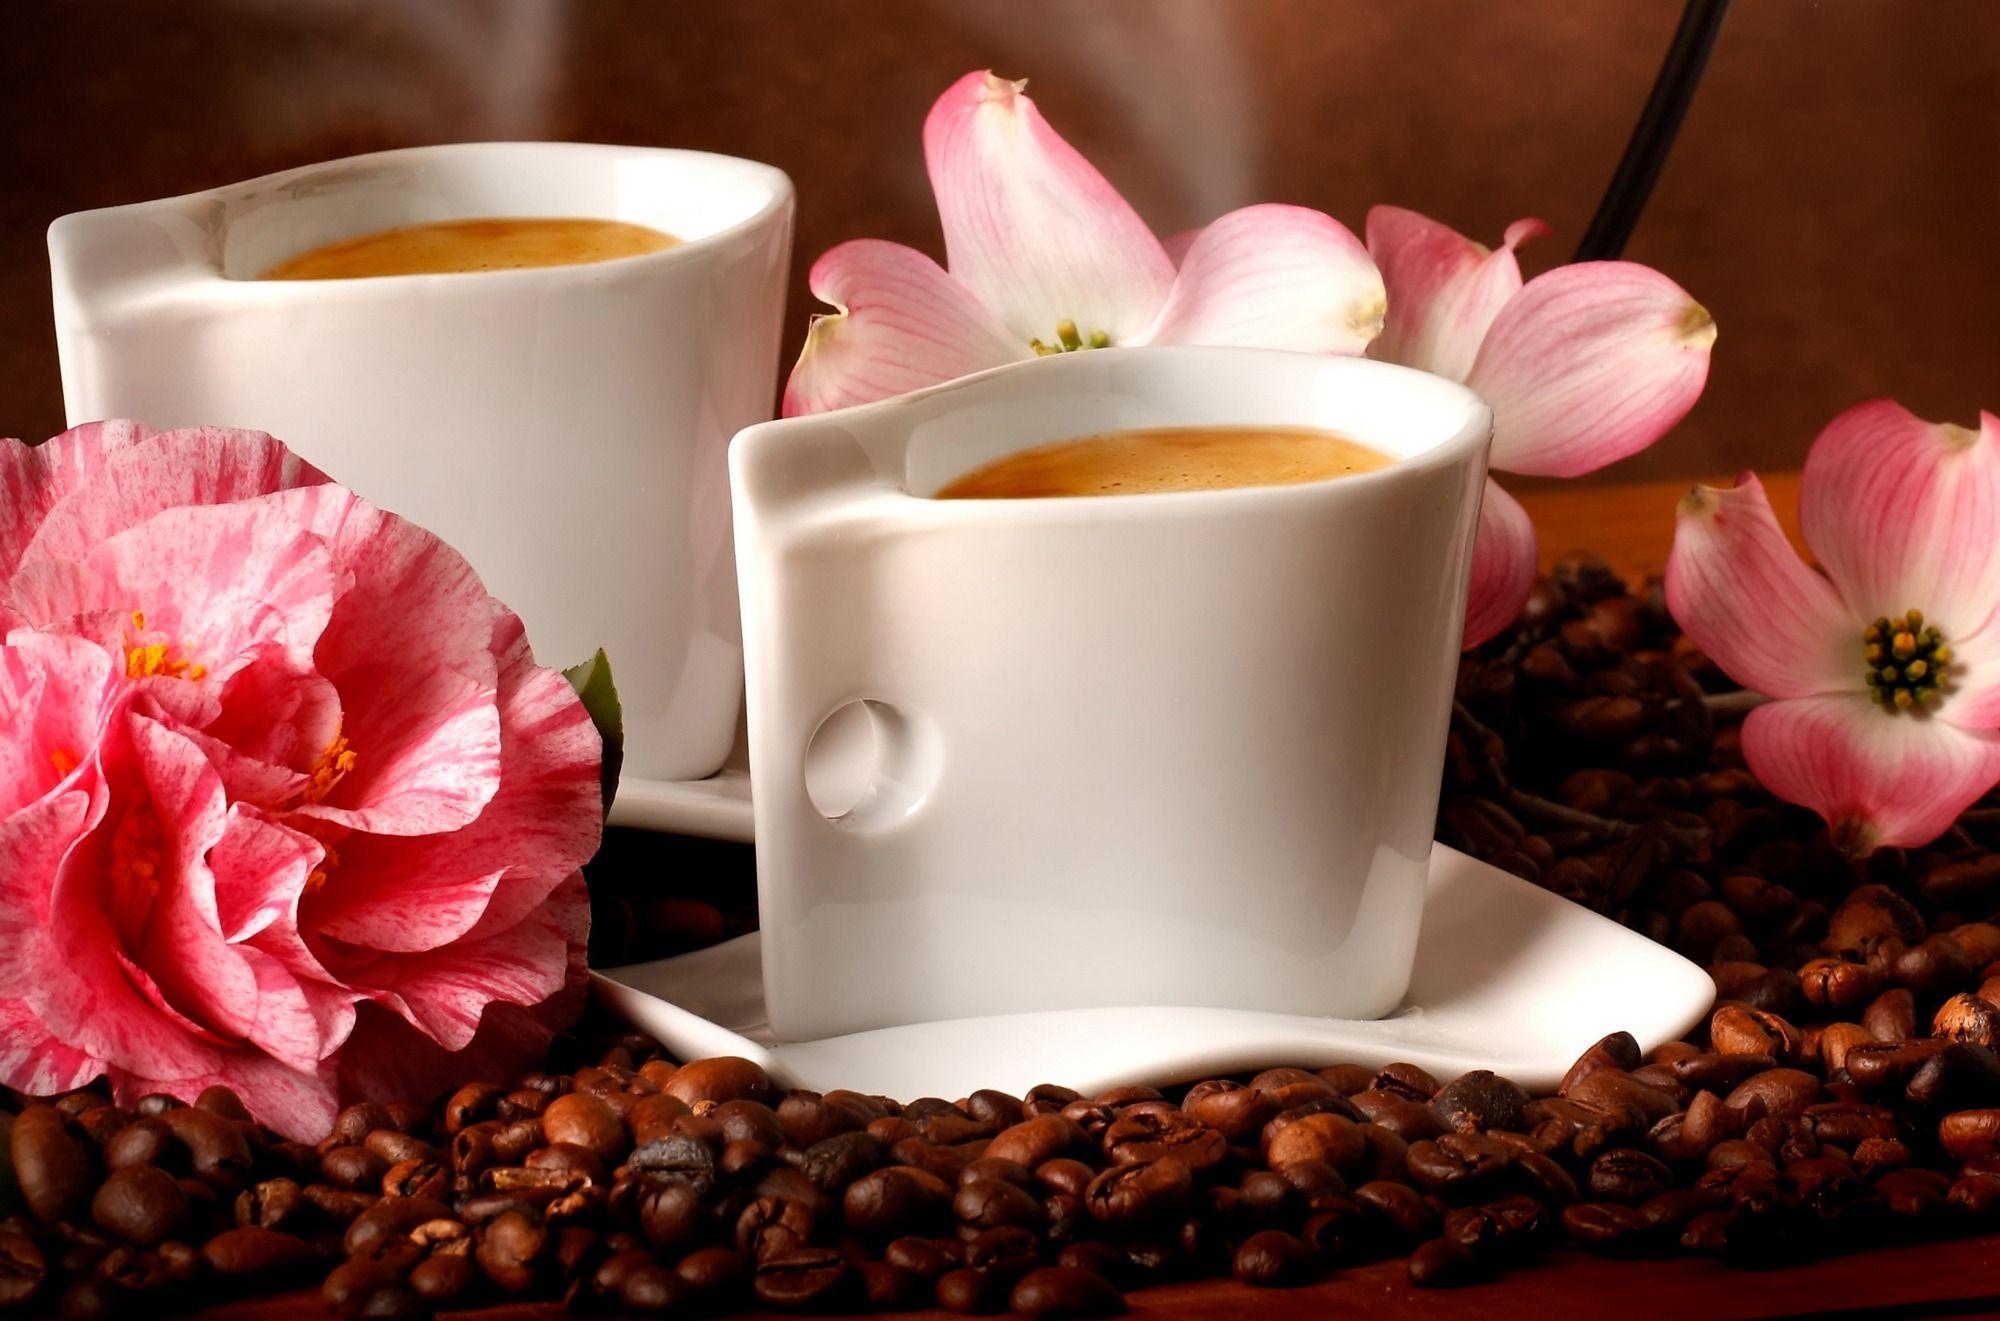 Открытка с цветами и кофе